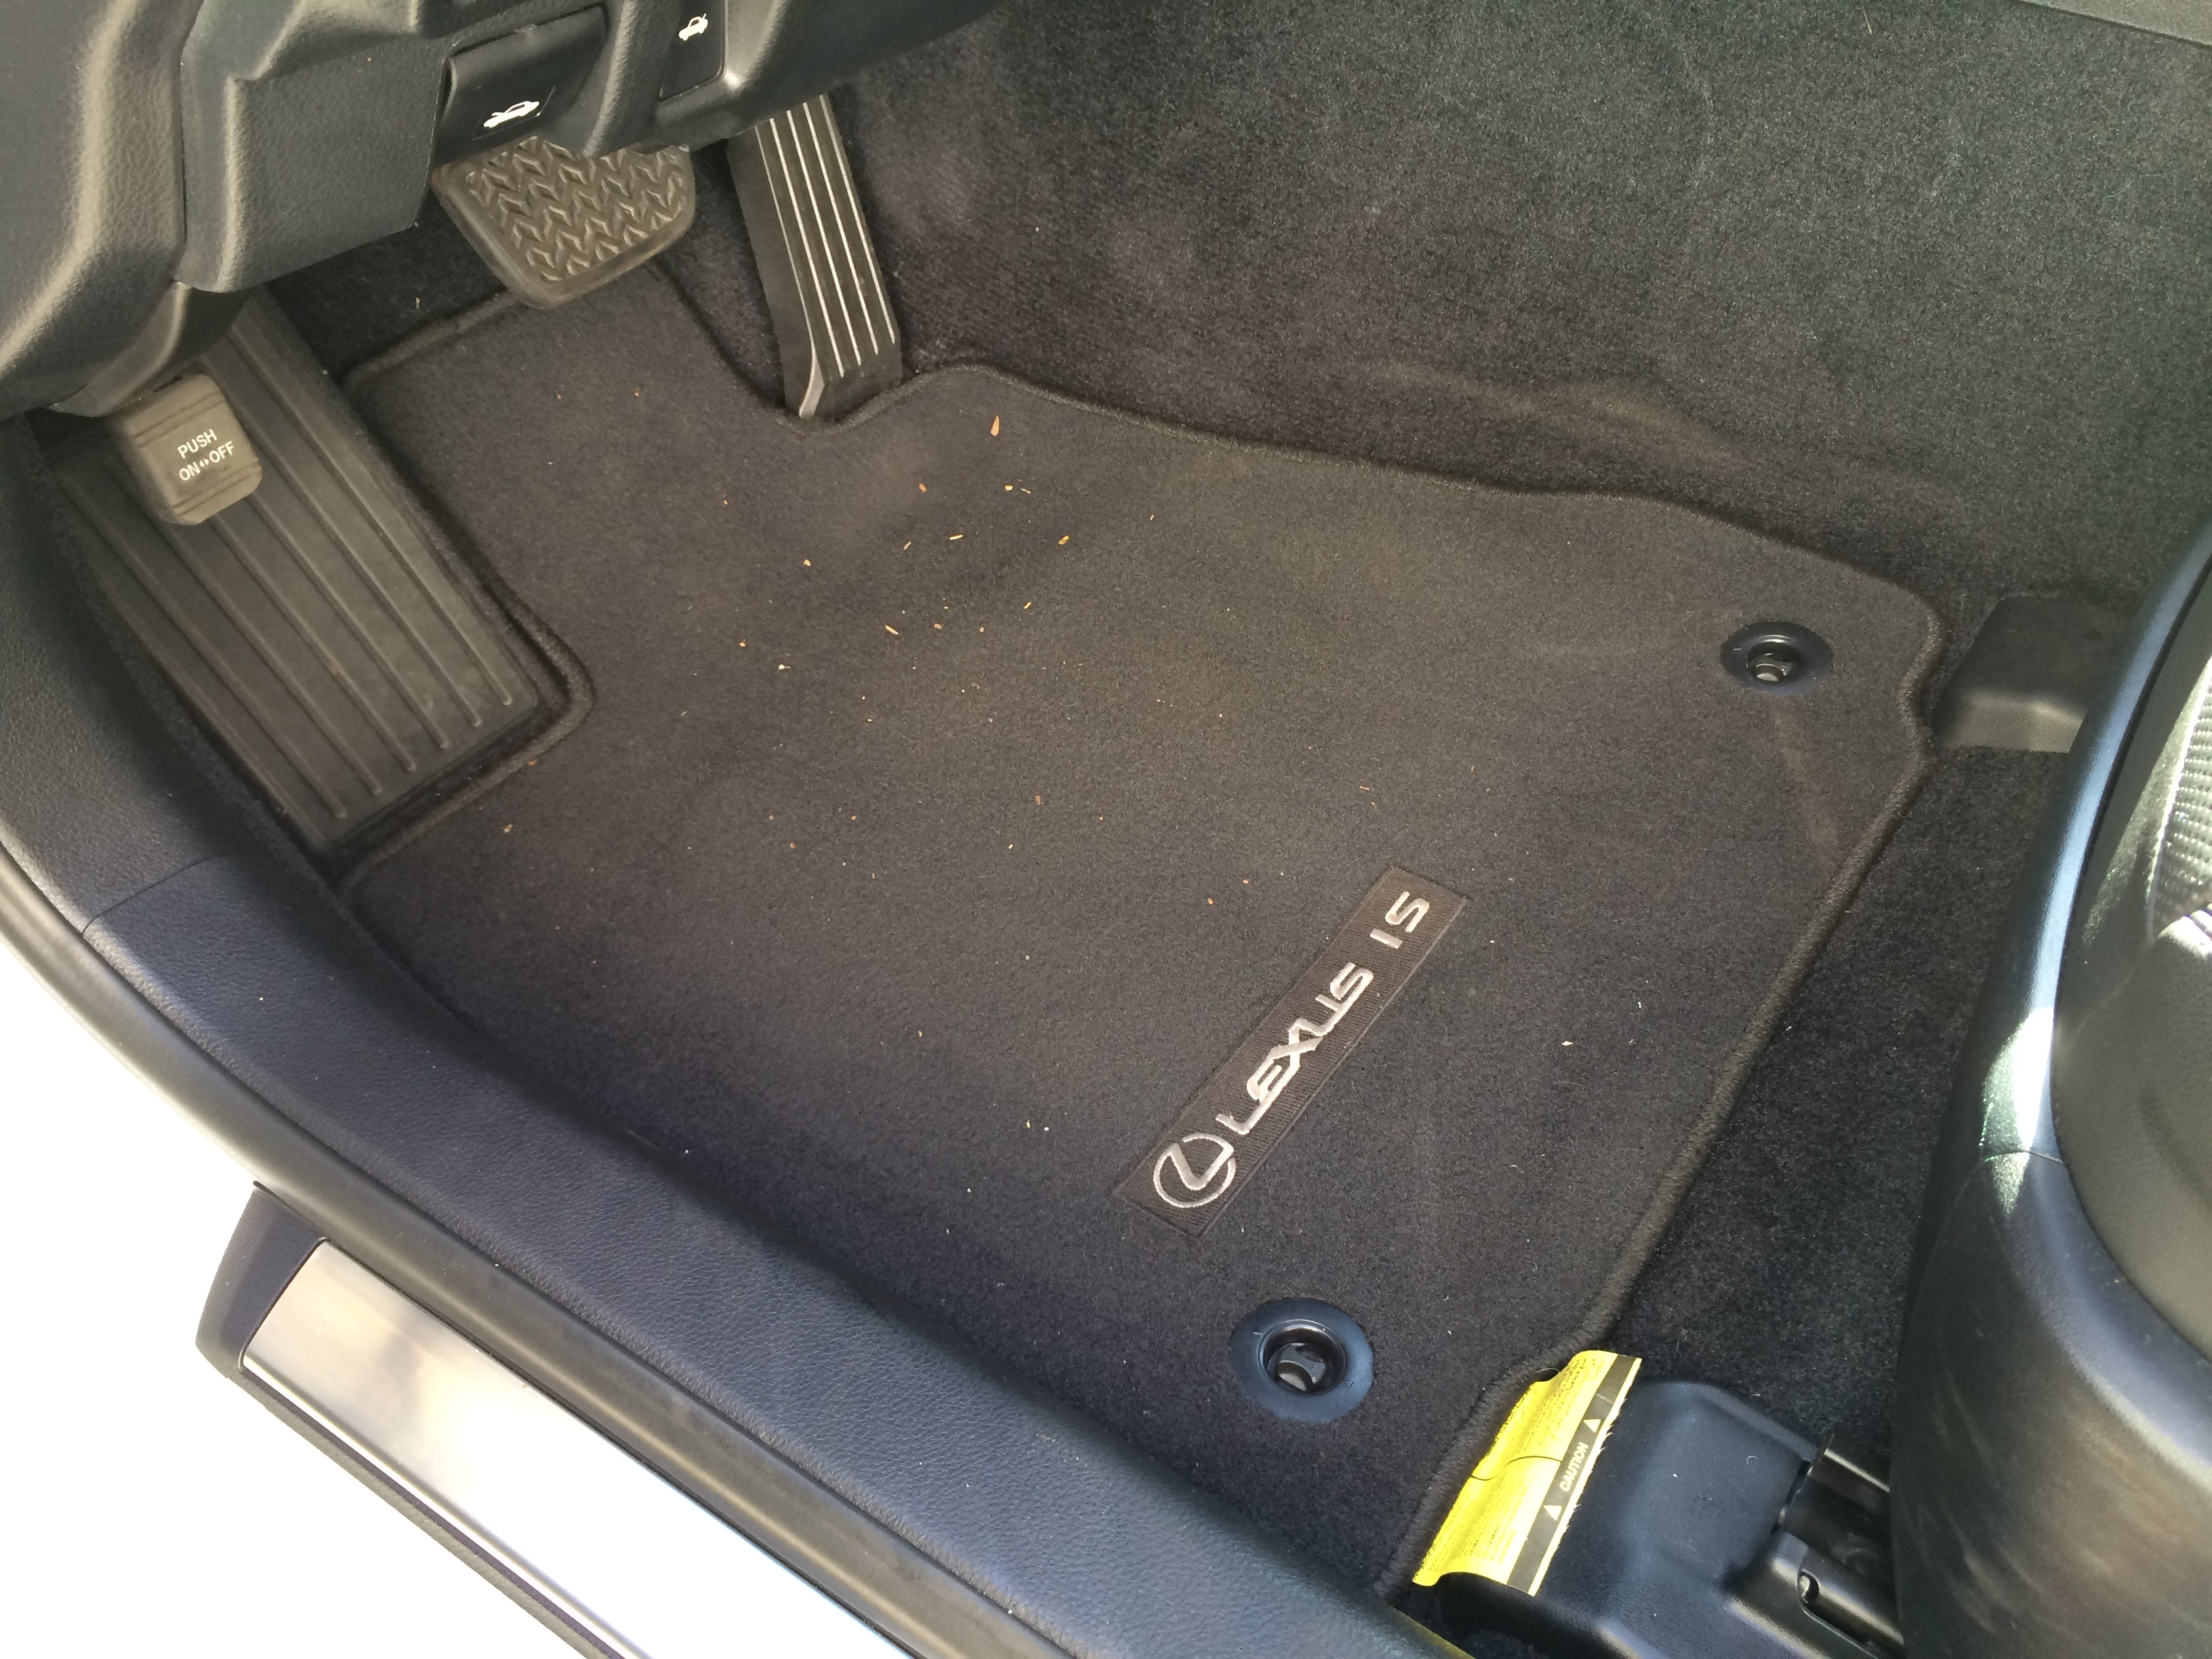 Lexus es 350 rubber floor mats - 2014 Lexus Is 250 All Weather Floor Mats My Automotive Adventures